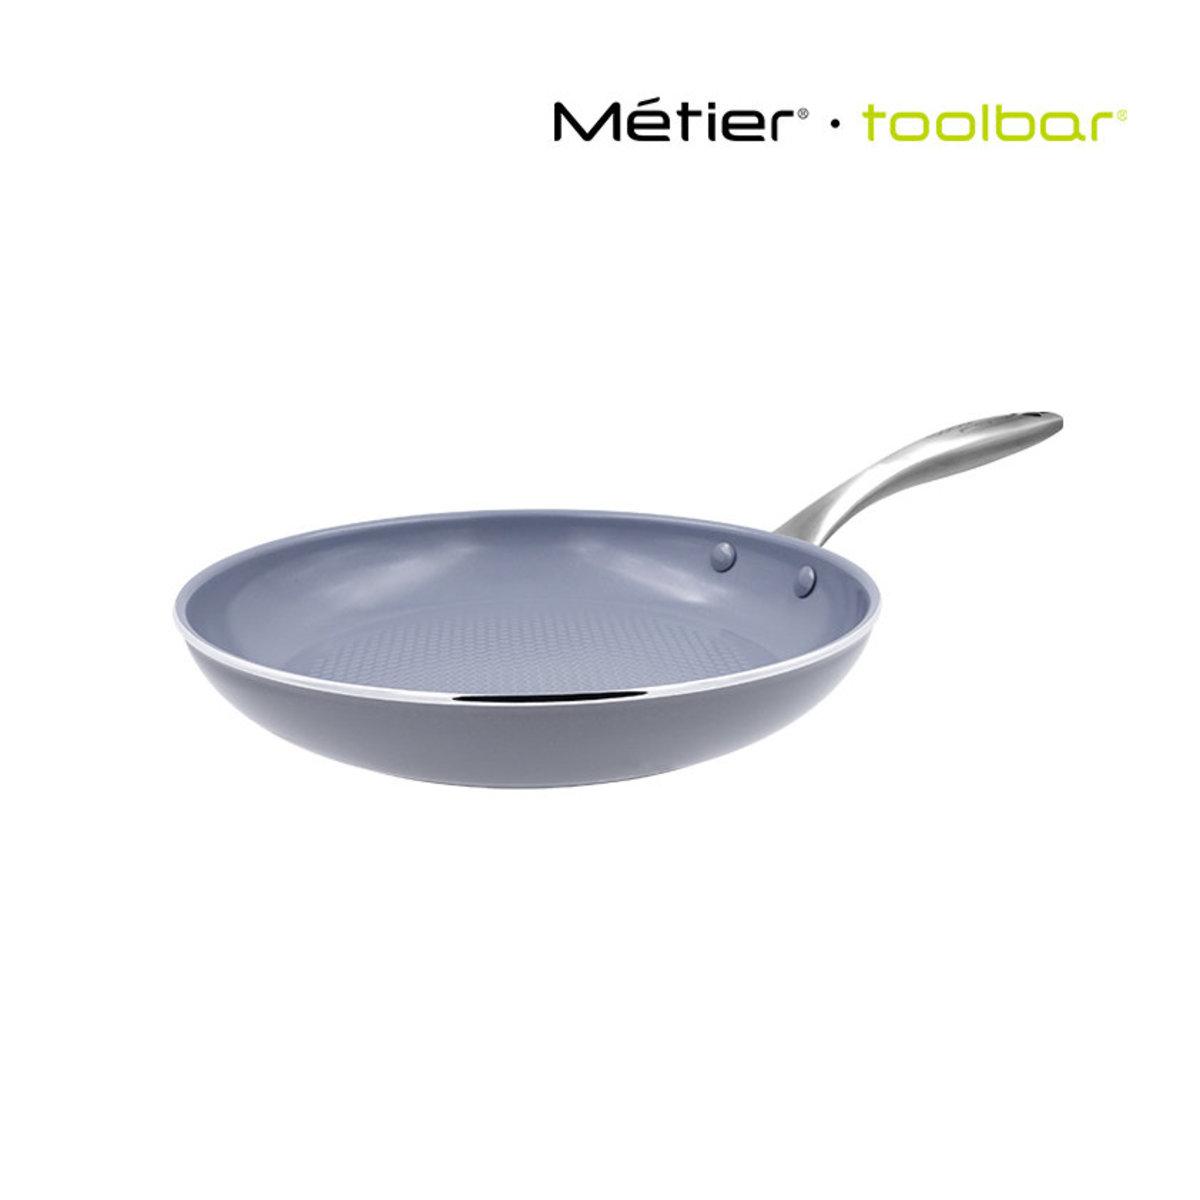 Φ26cm Ceramic Specialty Pan